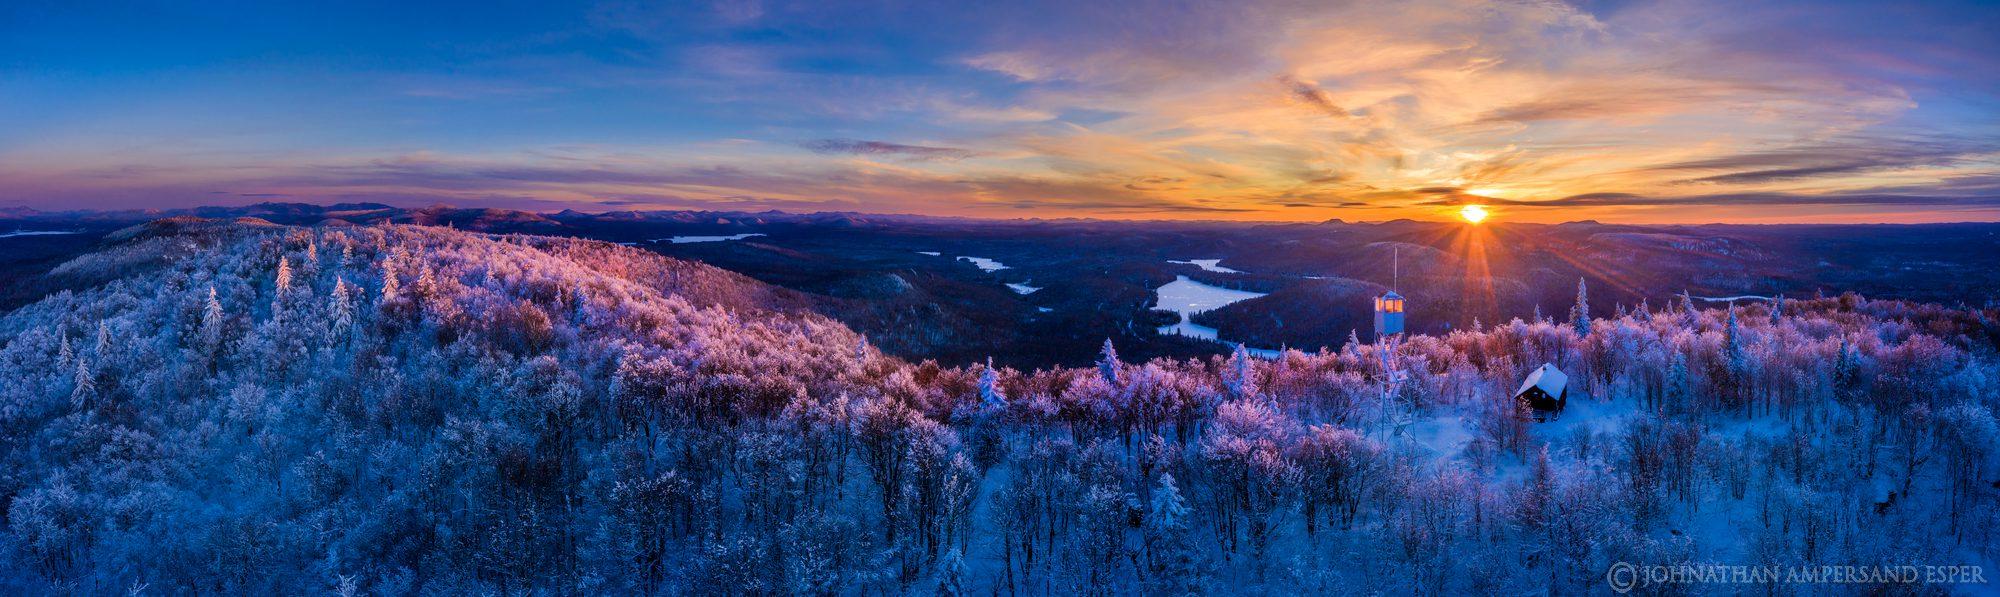 Mt. Arab,Mt Arab,Mt Arab firetower,Mt. Arab firetower,firetower,Firetower,Tupper Lake,winter,drone,2021,panorama,alpenglow,sunset...